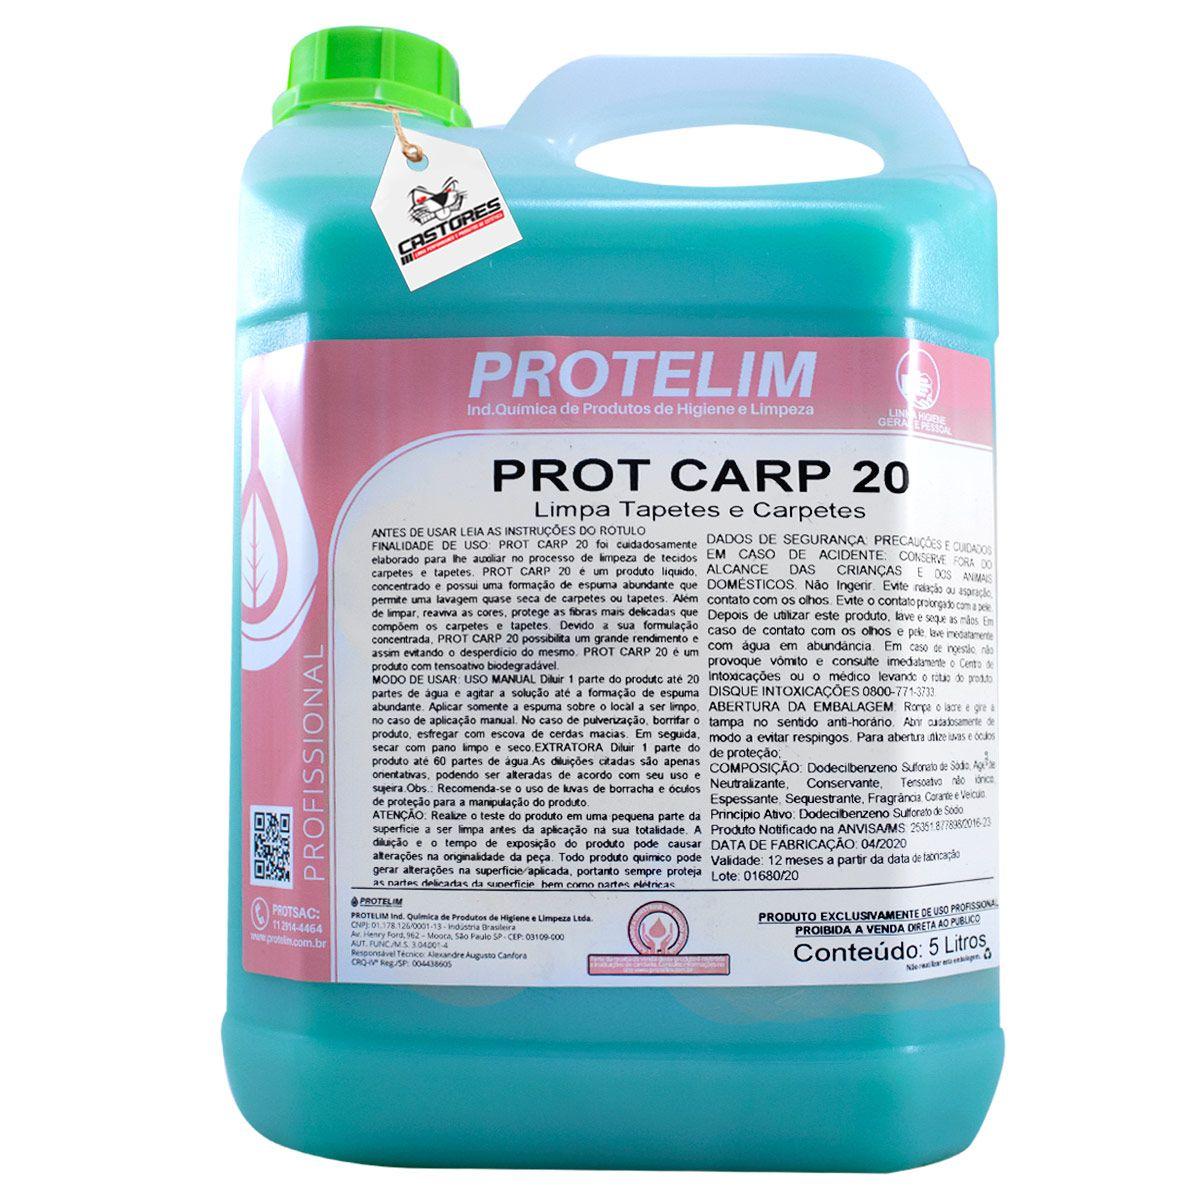 PROT CARP 20 LIMPA TAPETES E CARPETES 5L - PROTELIM